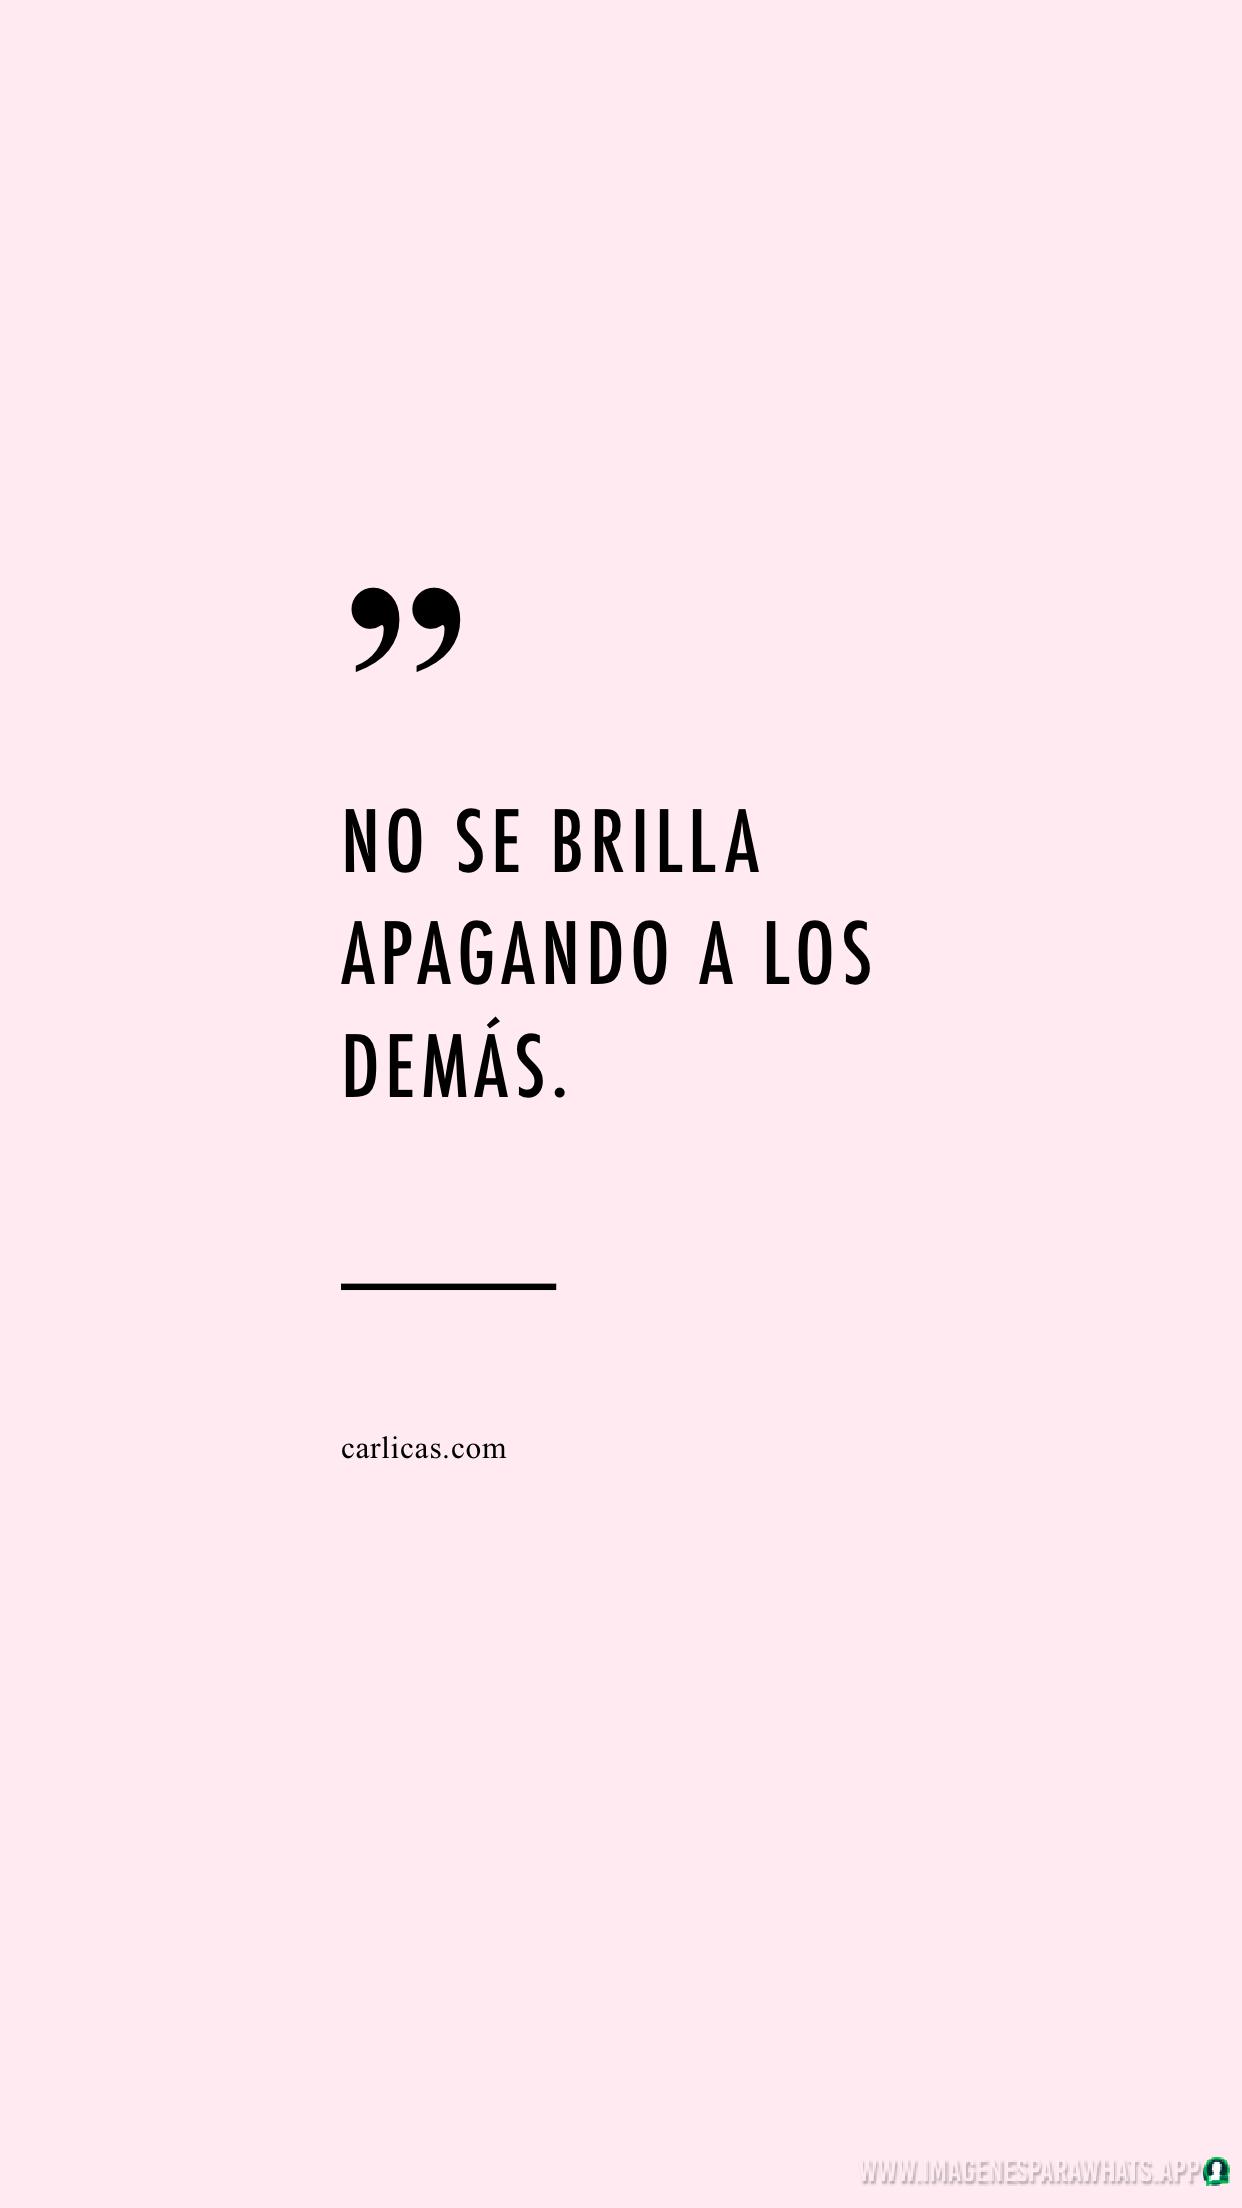 Imagenes-de-humildad-1